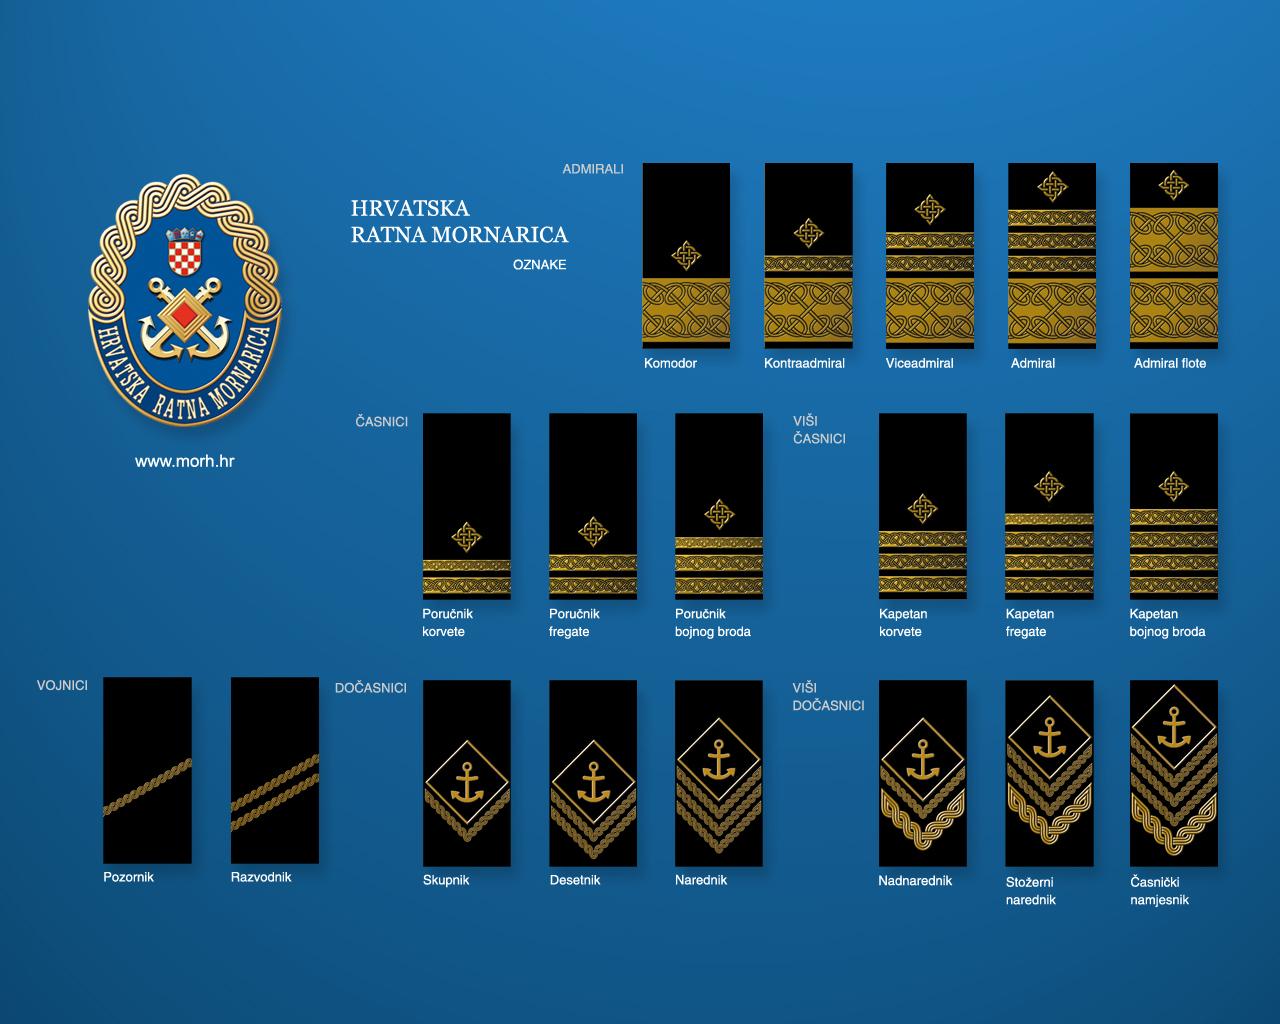 Mornarica činovi 1280 x 1050